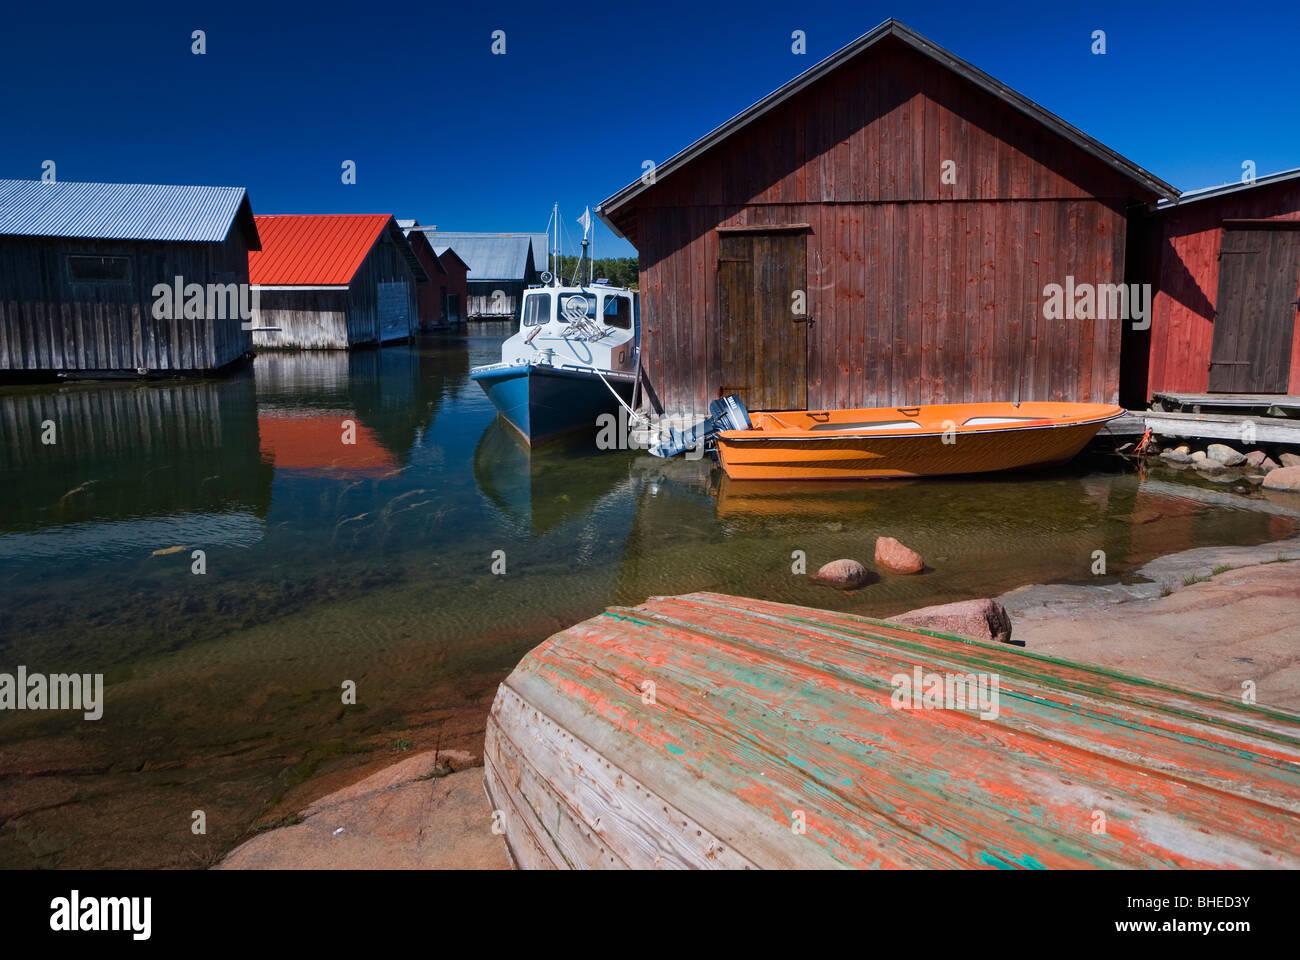 Des garages à bateaux, Alands Eckero Photo Stock